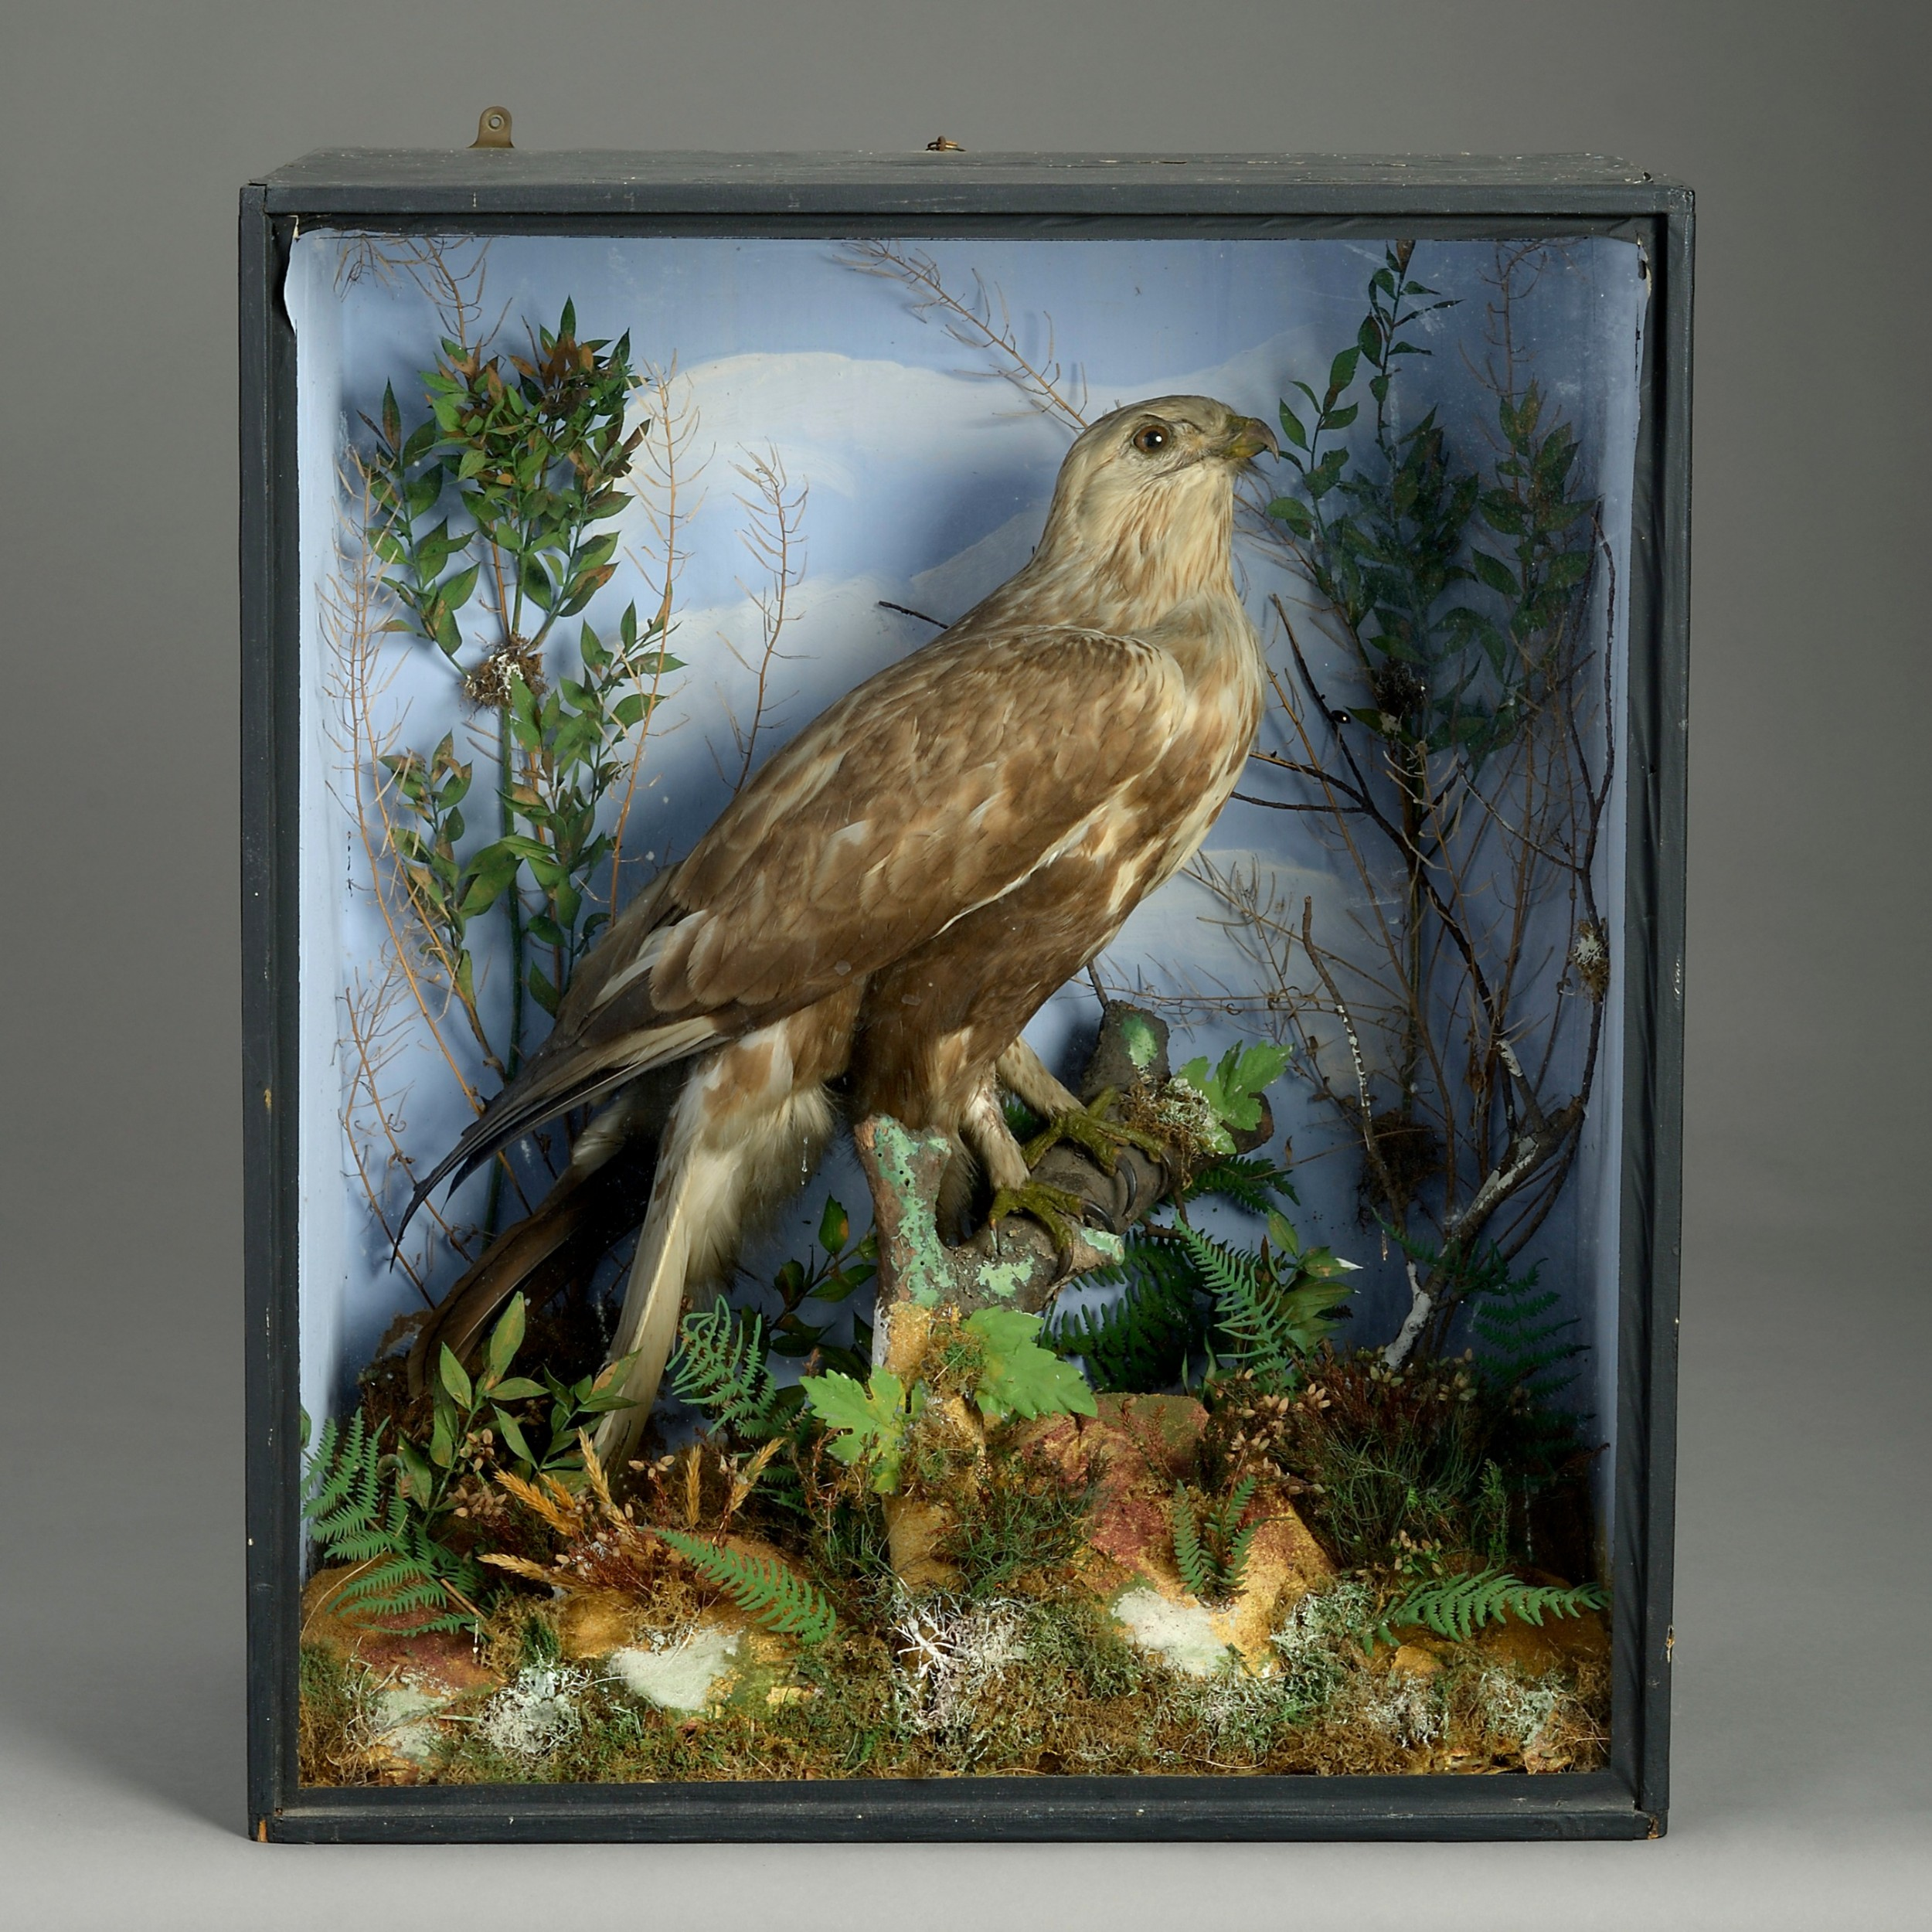 taxidermy buzzard in display case